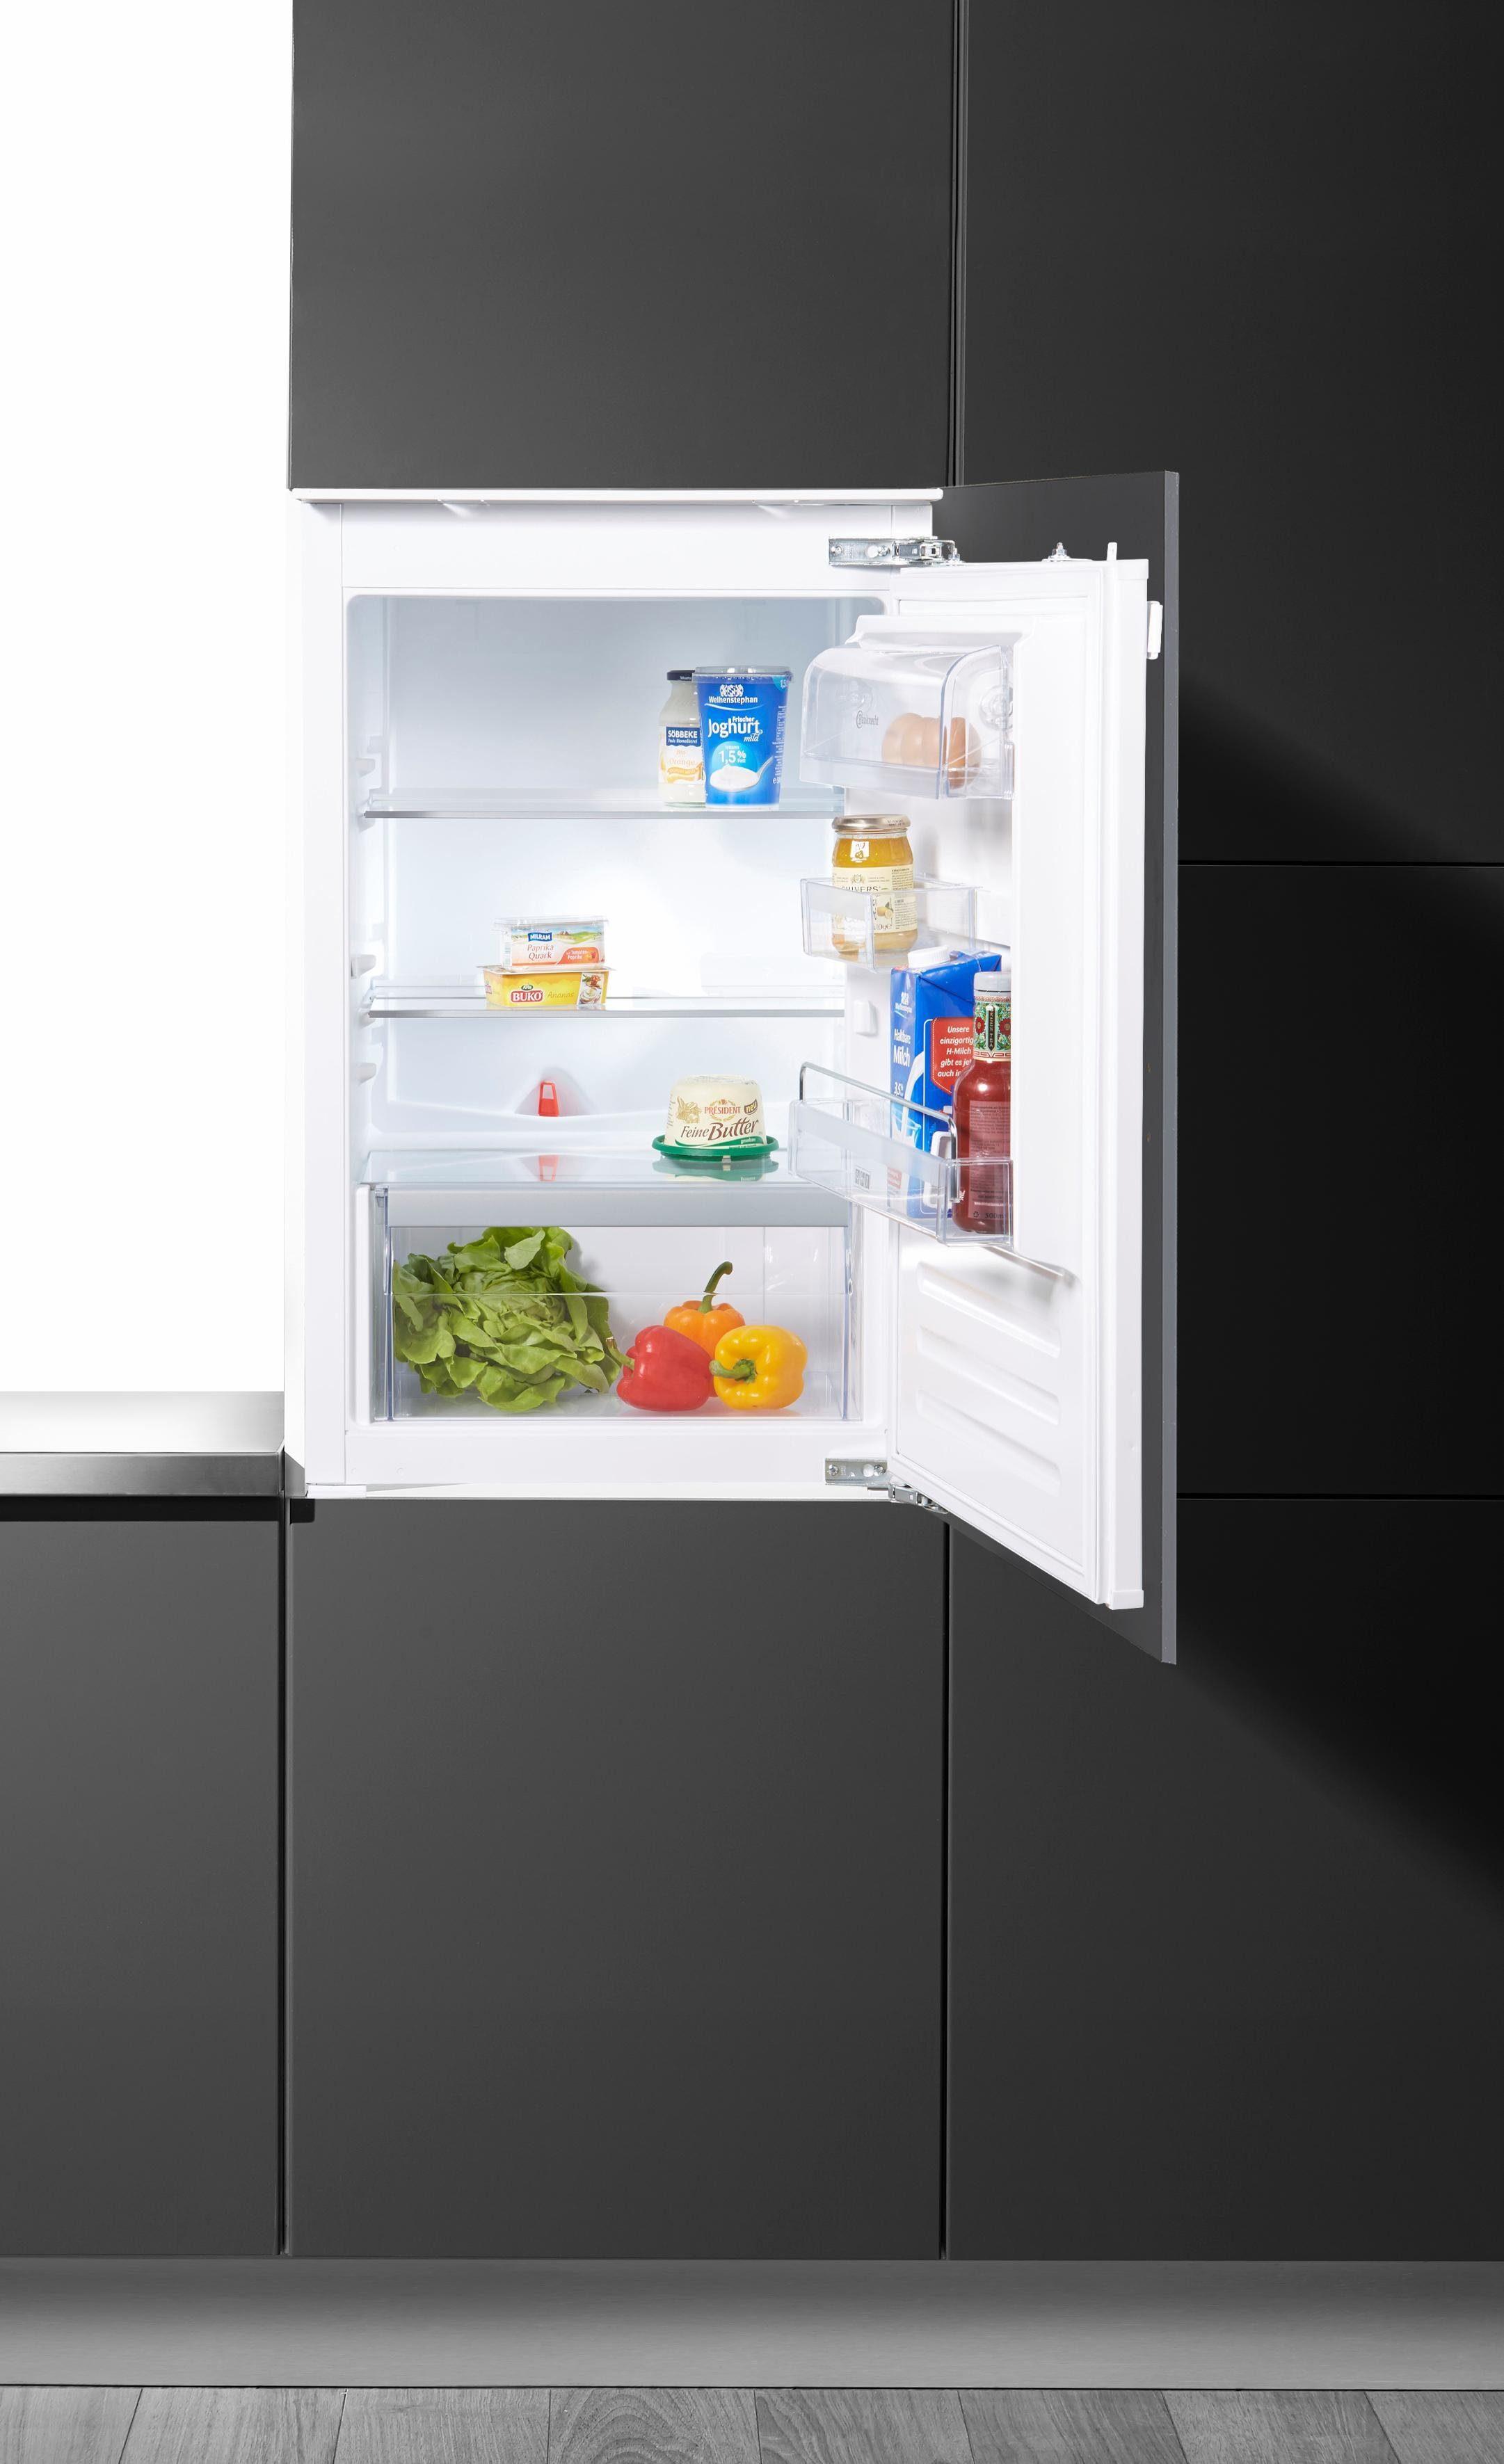 Bauknecht integrierbarerer Einbaukühlschrank KRIE 1000, A++, 87,3 cm hoch